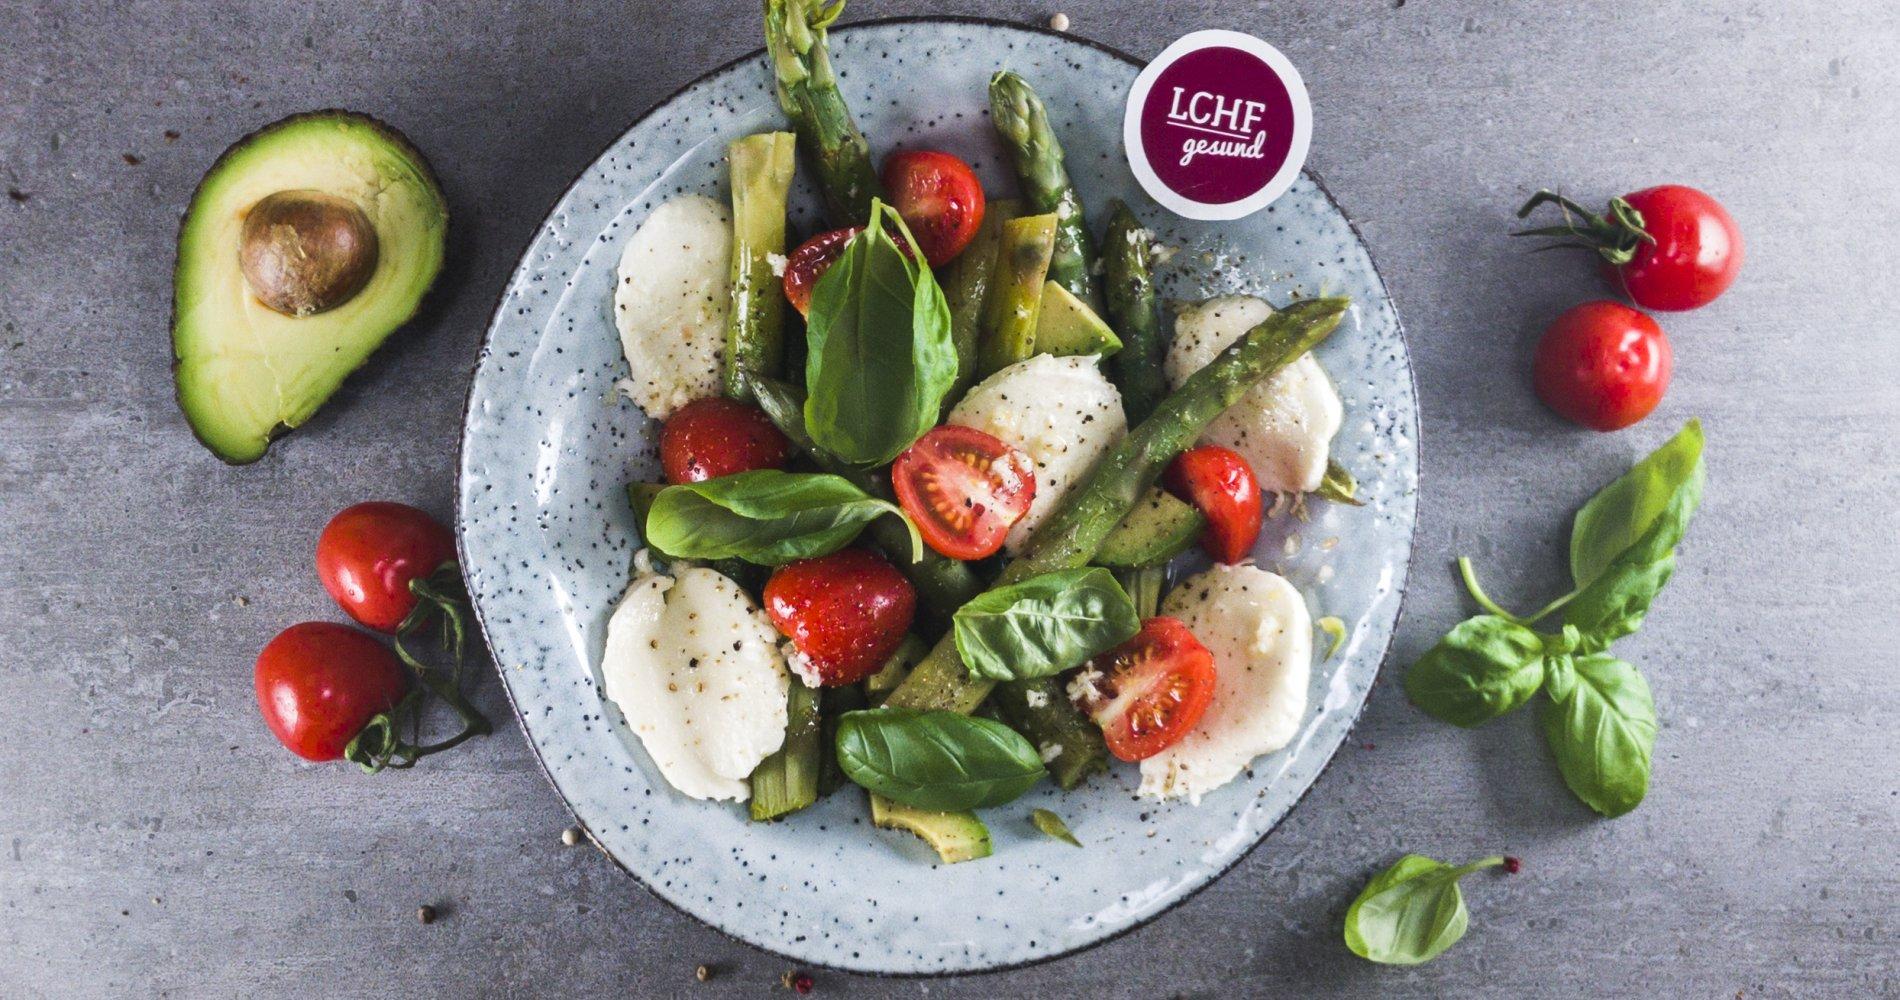 Rezept Low Carb: Spargelsalat mit Tomate und Mozarella - LCHF-gesund.de